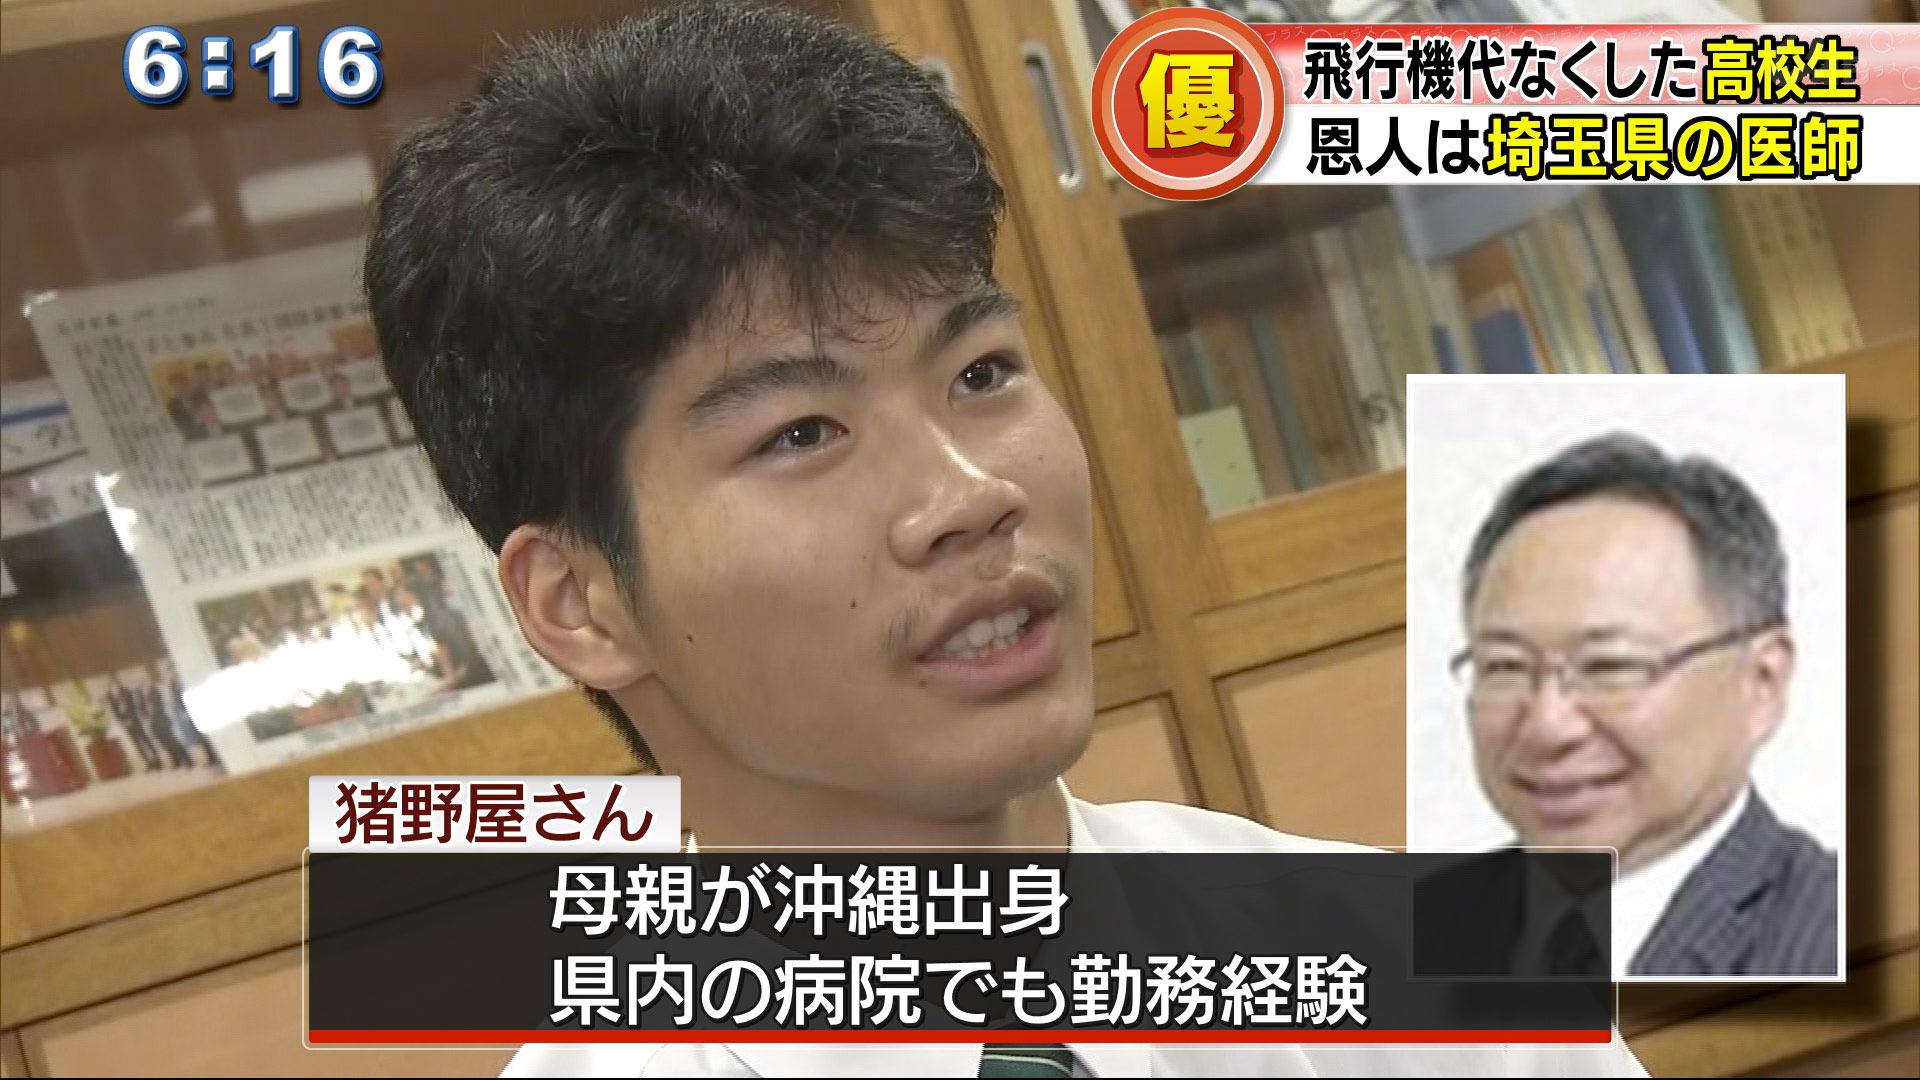 高校生が人探し 6万円の恩人は埼玉県の医師